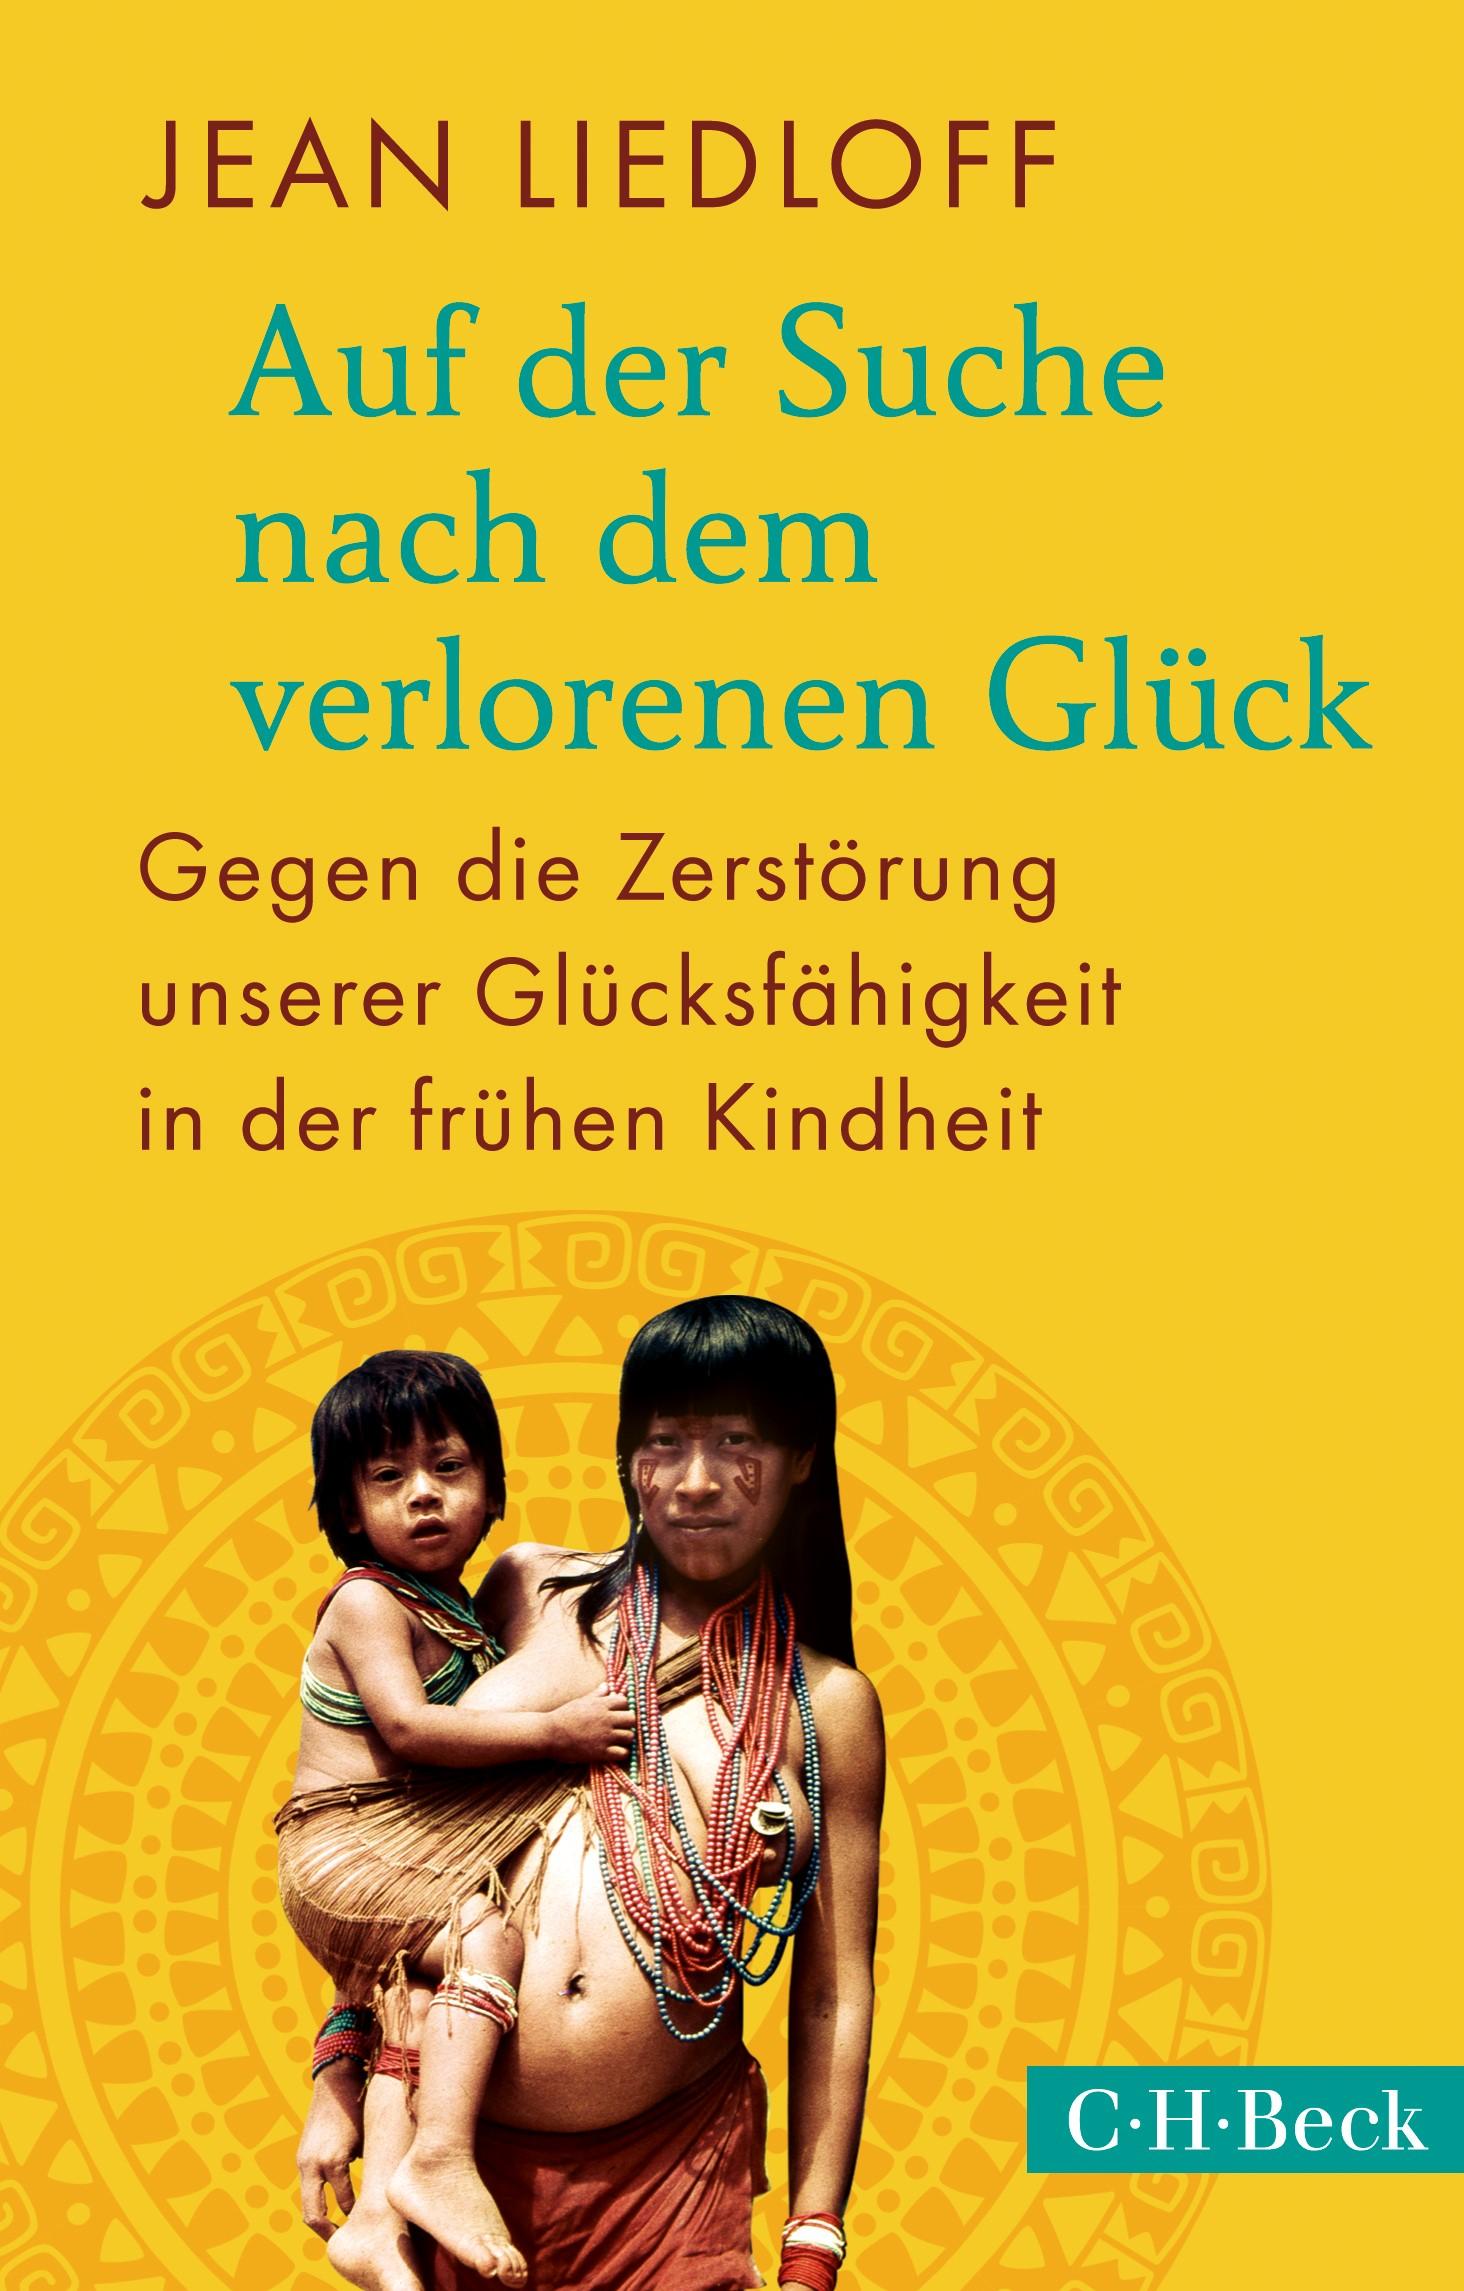 Cover des Buches 'Auf der Suche nach dem verlorenen Glück'